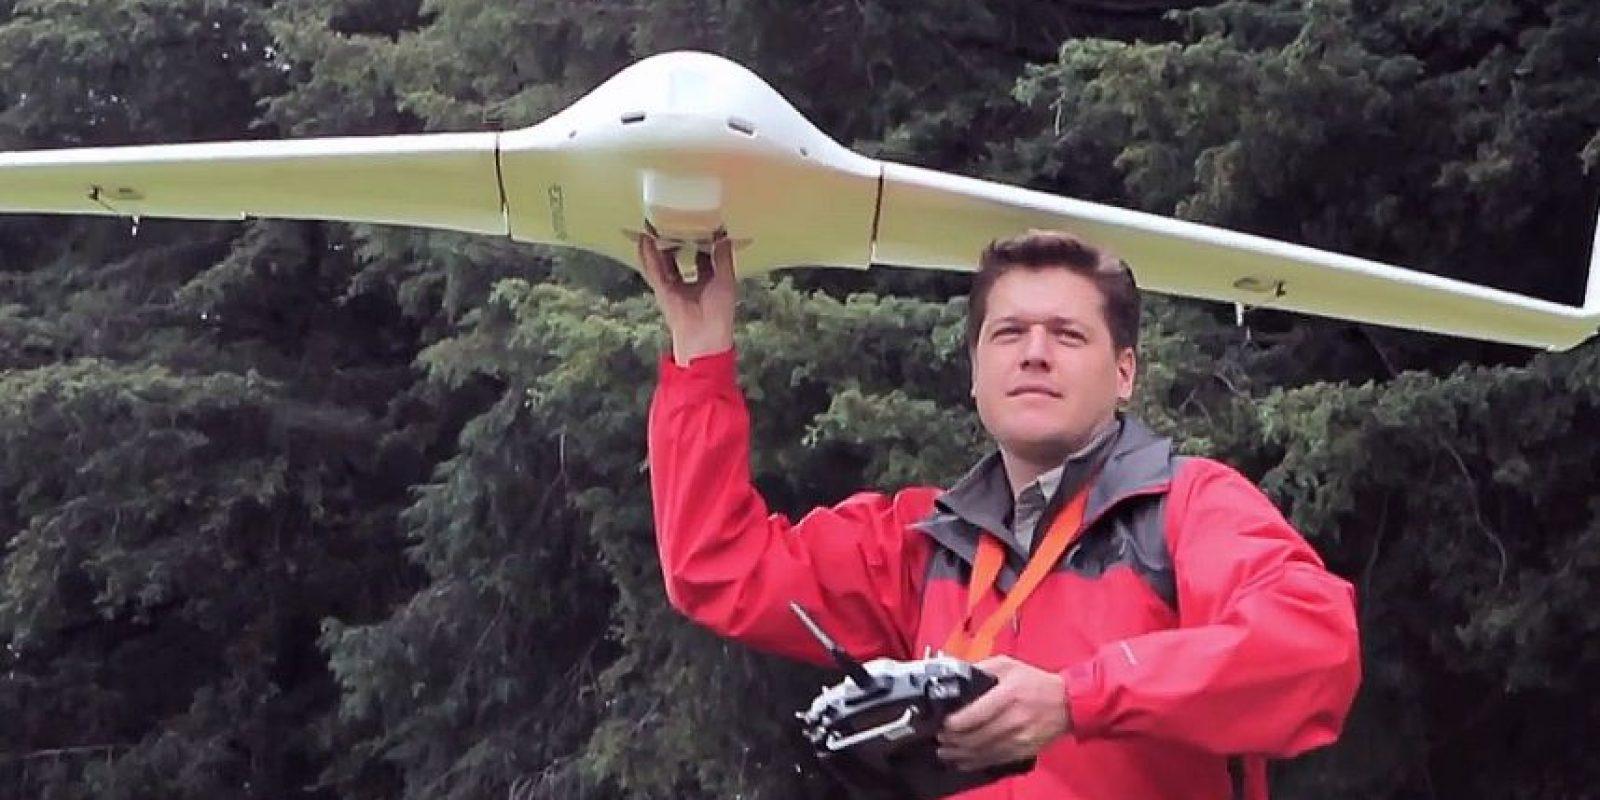 """El ingeniero detalló que utiliza aeronaves de ala fija de tipo trapezoidal """"straight tapared"""" para conseguir un largo alcance. Foto:UVM"""